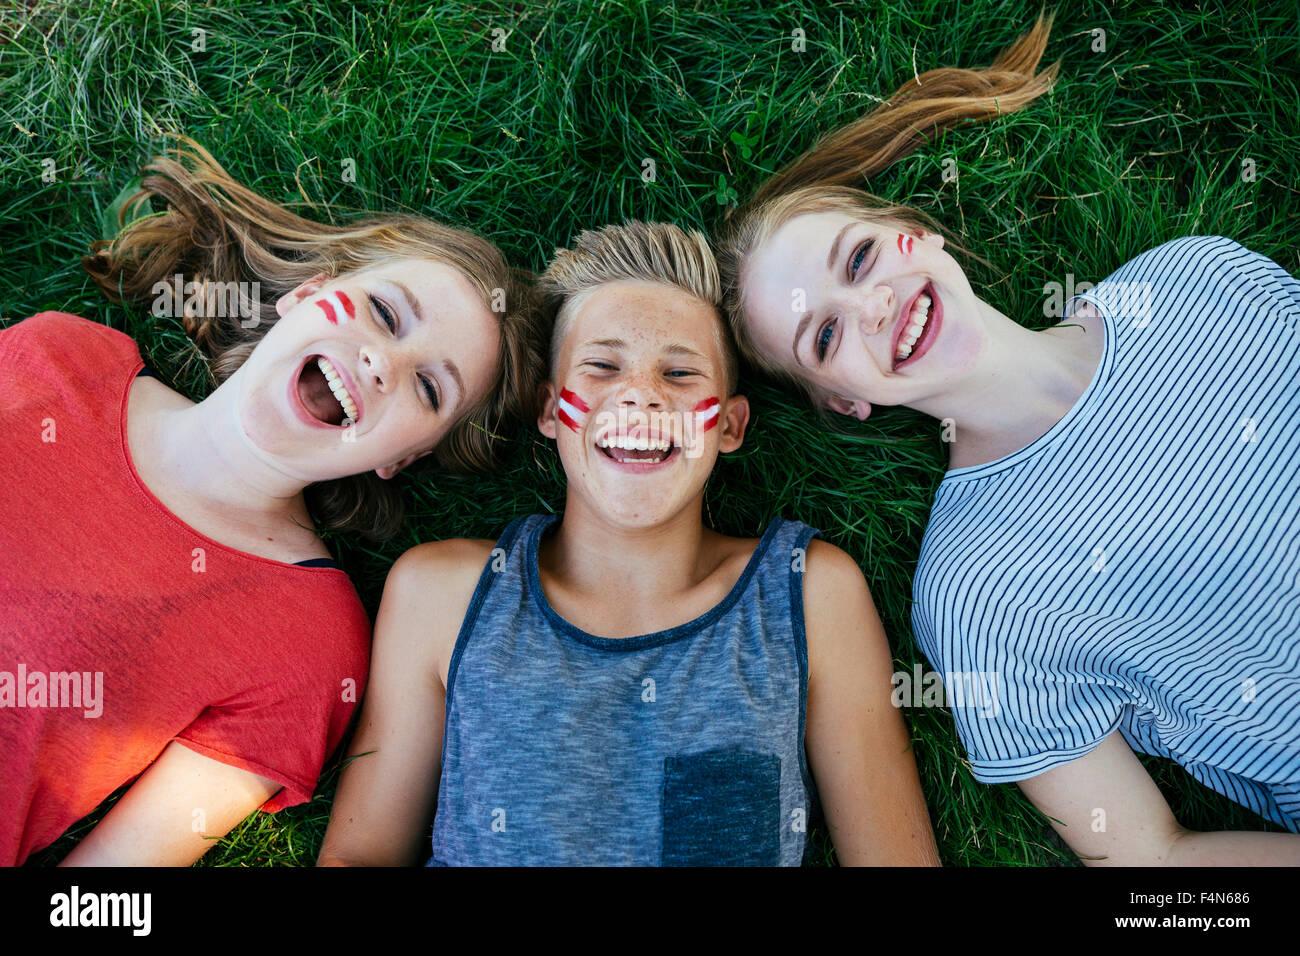 Austria, tres adolescentes con colores nacionales pintados en sus mejillas acostado sobre una pradera Imagen De Stock